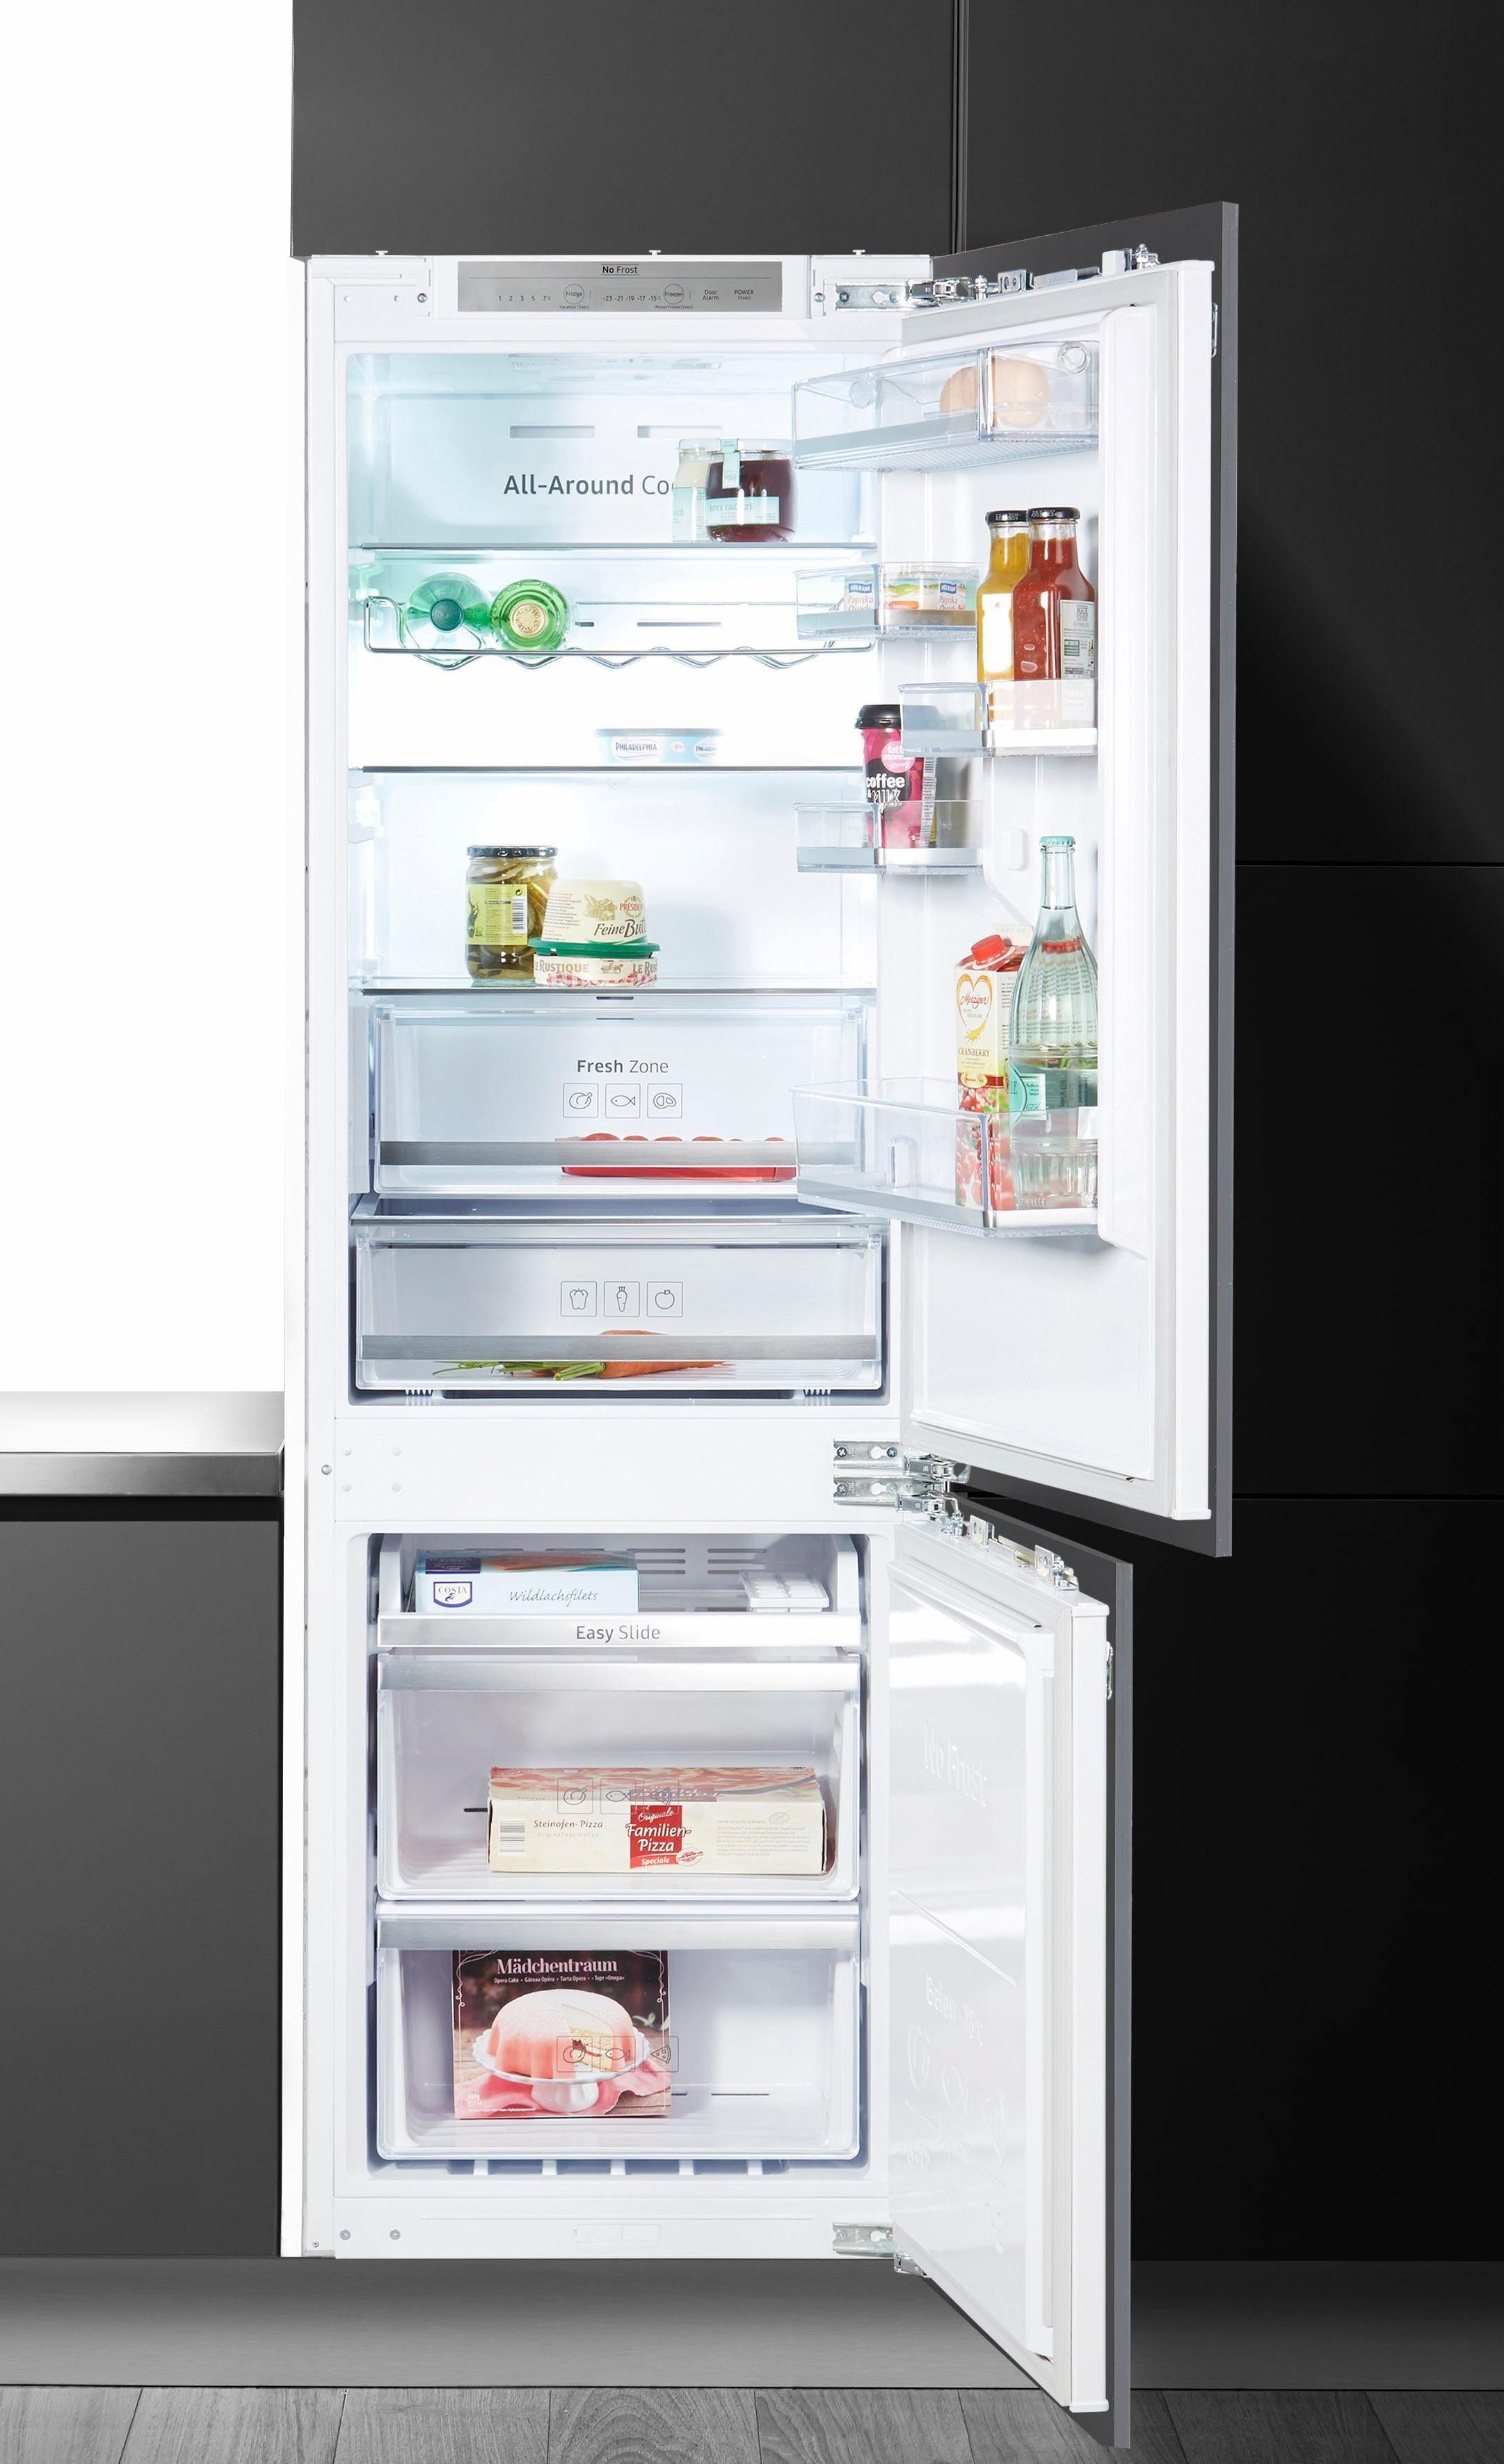 Samsung Einbaukühlgefrierkombination BRB260130WWEG, 177,5 cm hoch, 60 cm breit, Energieeffizienzklasse A+, 178 cm